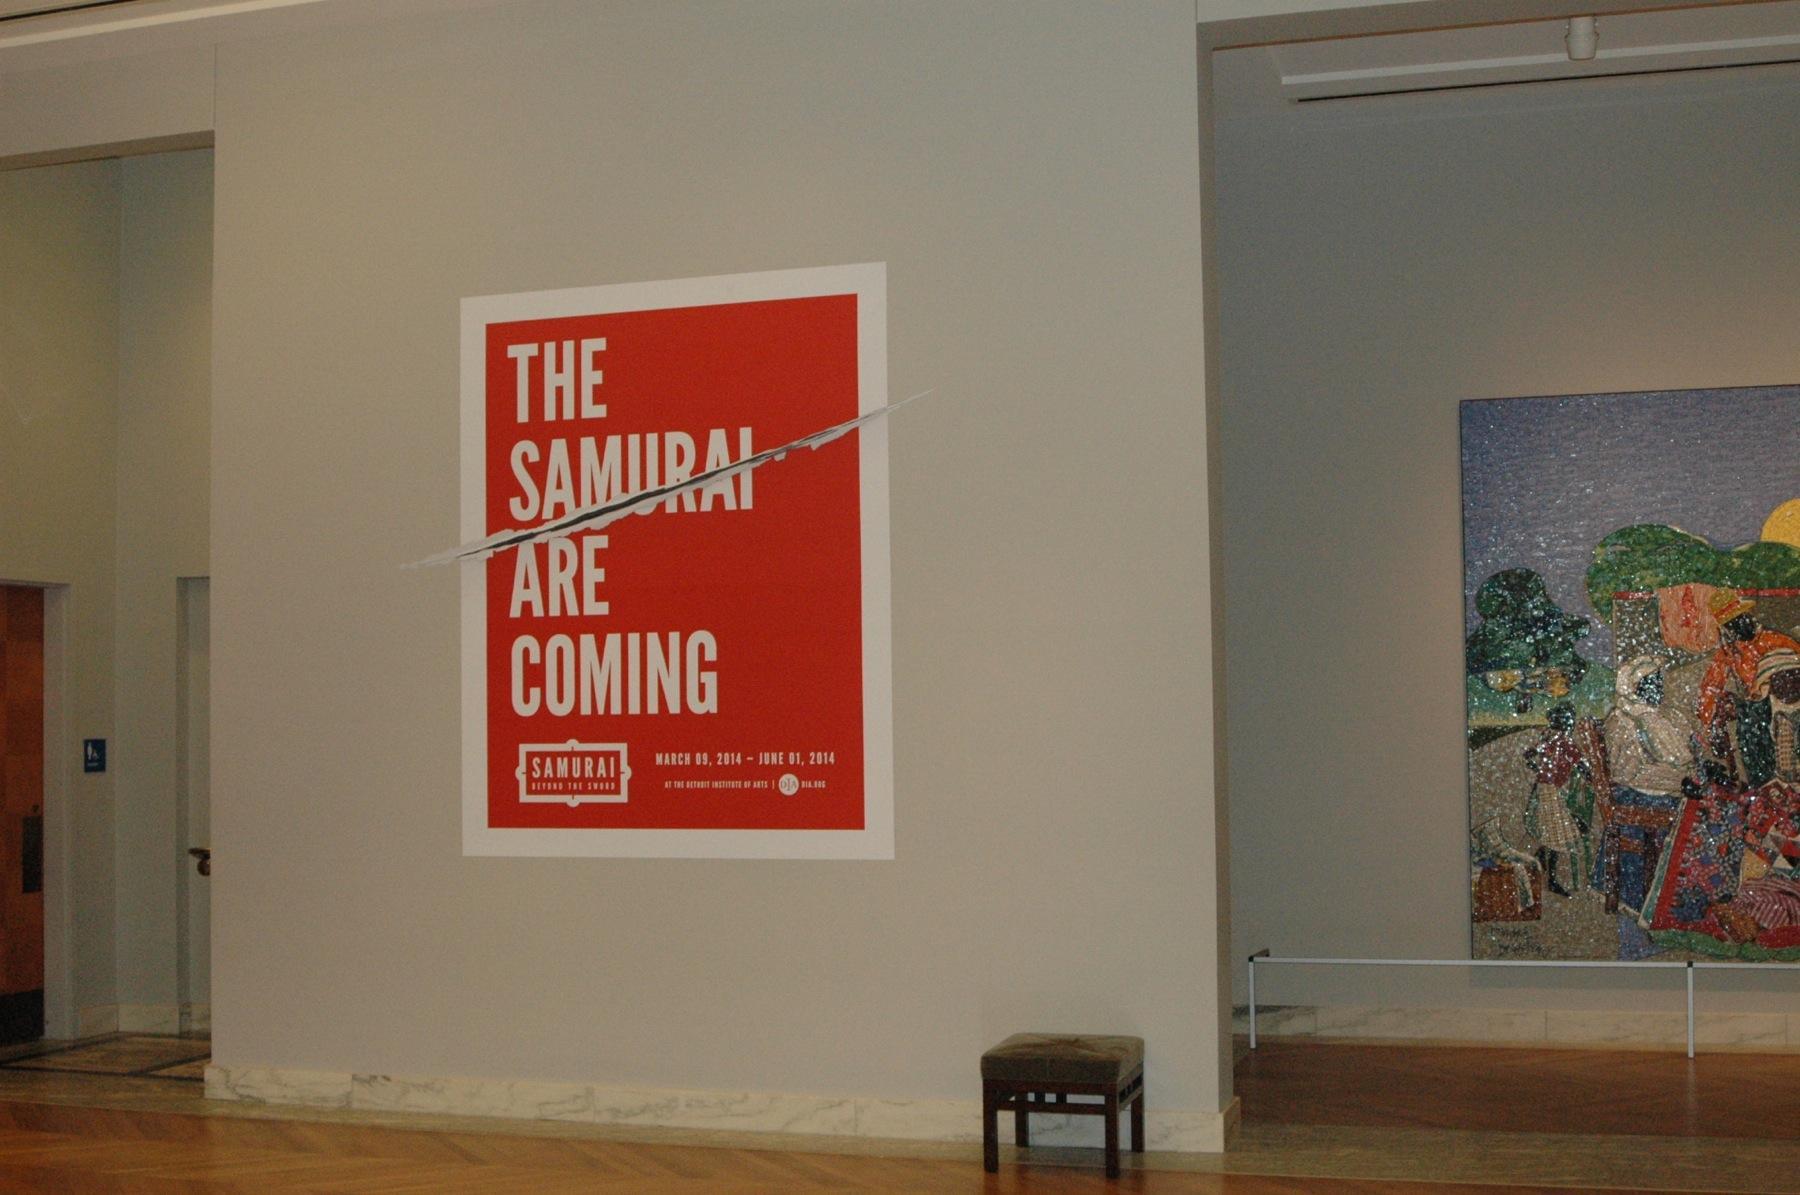 Detroit Institute of Arts Outdoor Ad -  The Samurai are coming